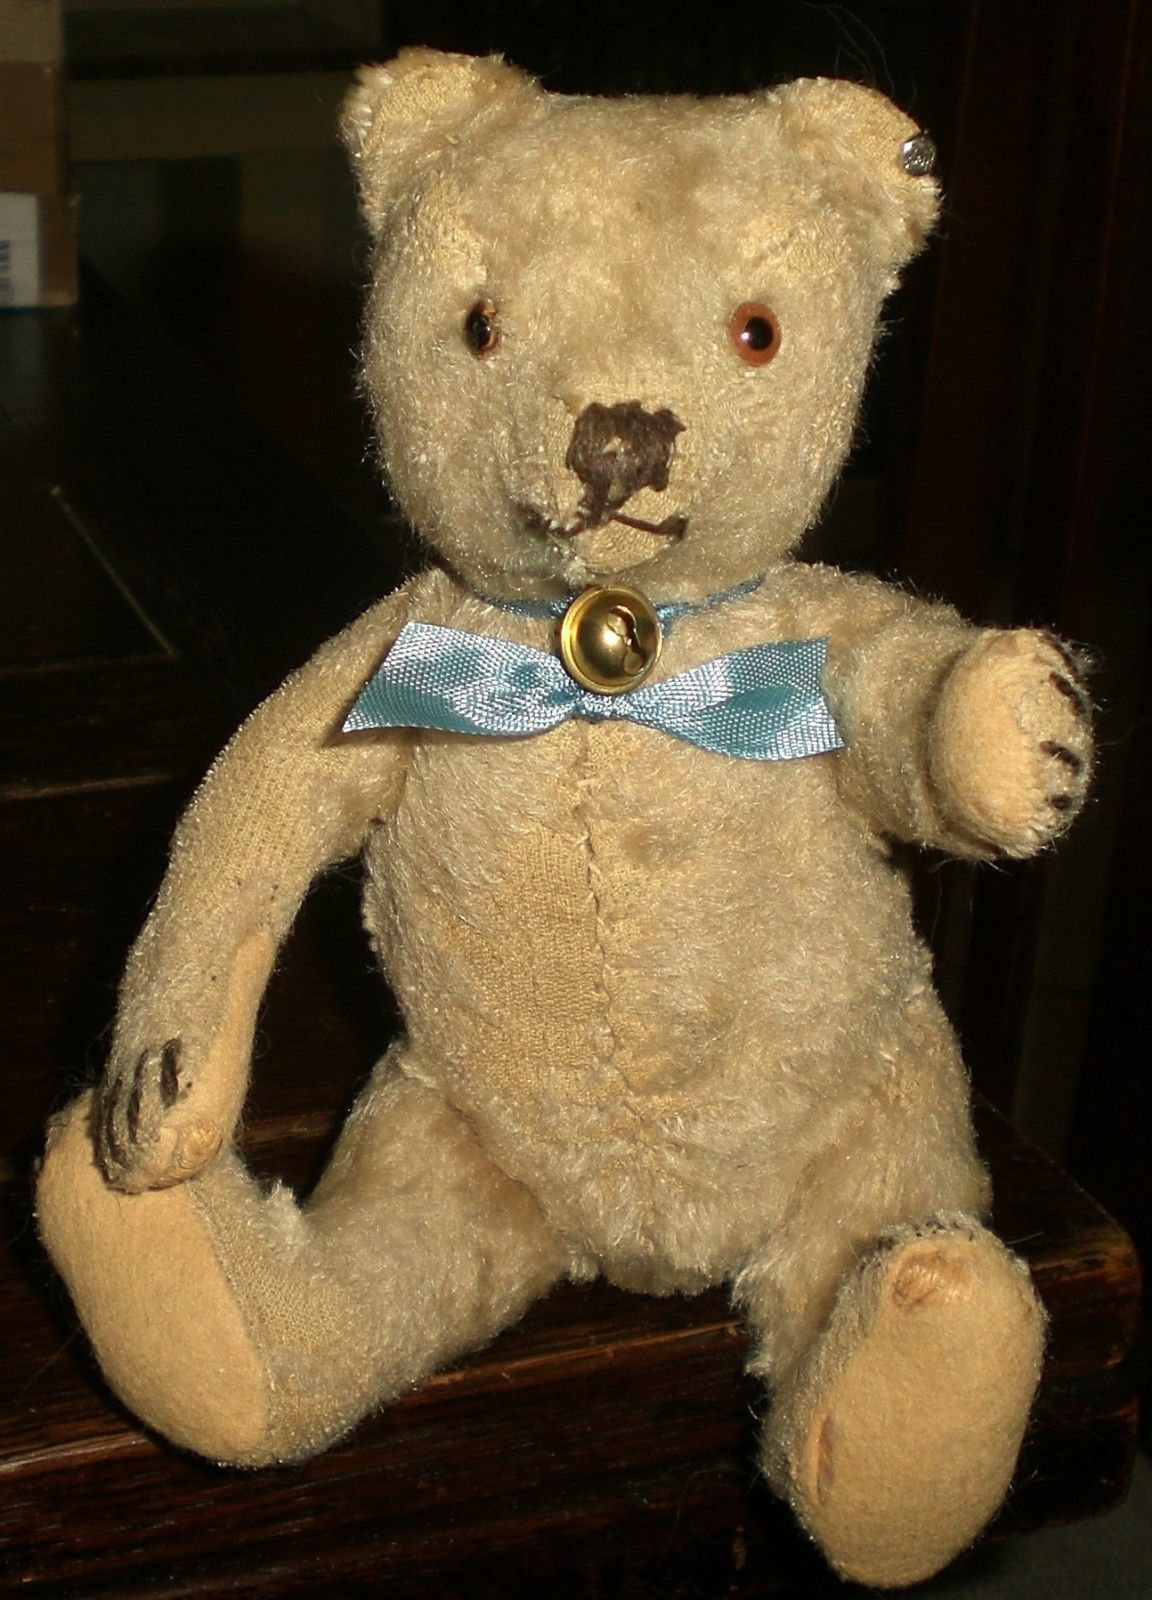 STEIFFOLDTEDDYBEARANTIQUE eBay Old teddy bears